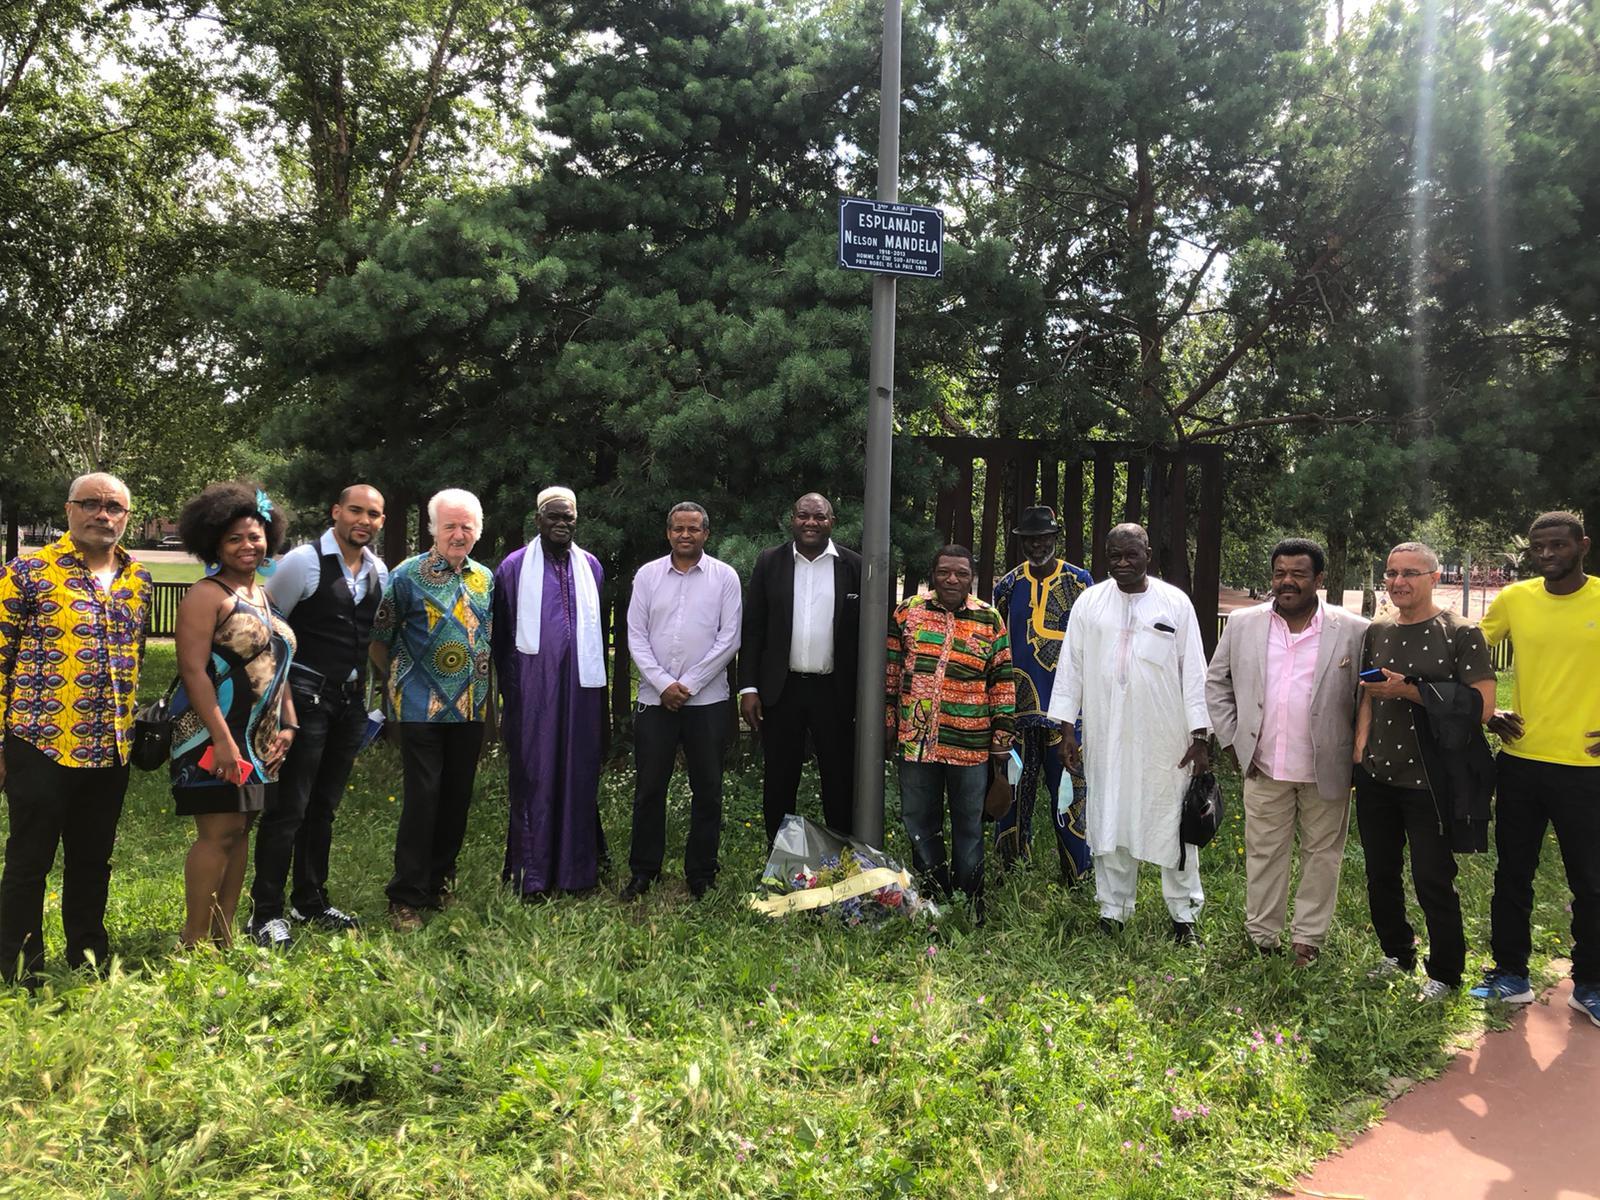 [MANDELA DAY] Retour en images sur le Mandela Day de Lyon dimanche 18 juillet 2021